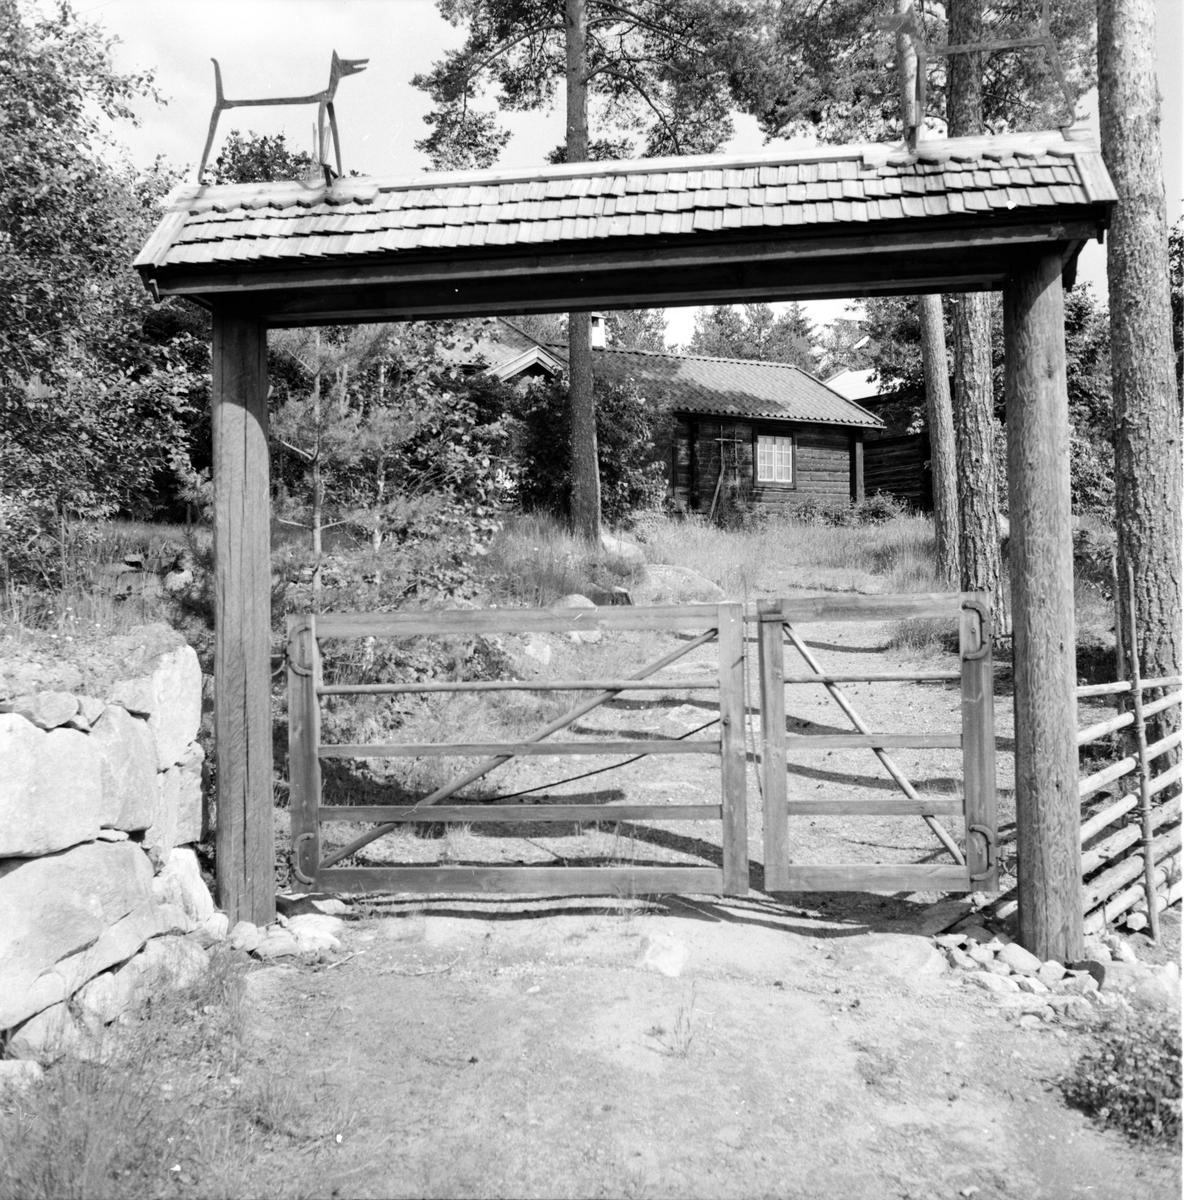 Tomterna, Orgårds, Strömboms, 5 Juli 1962